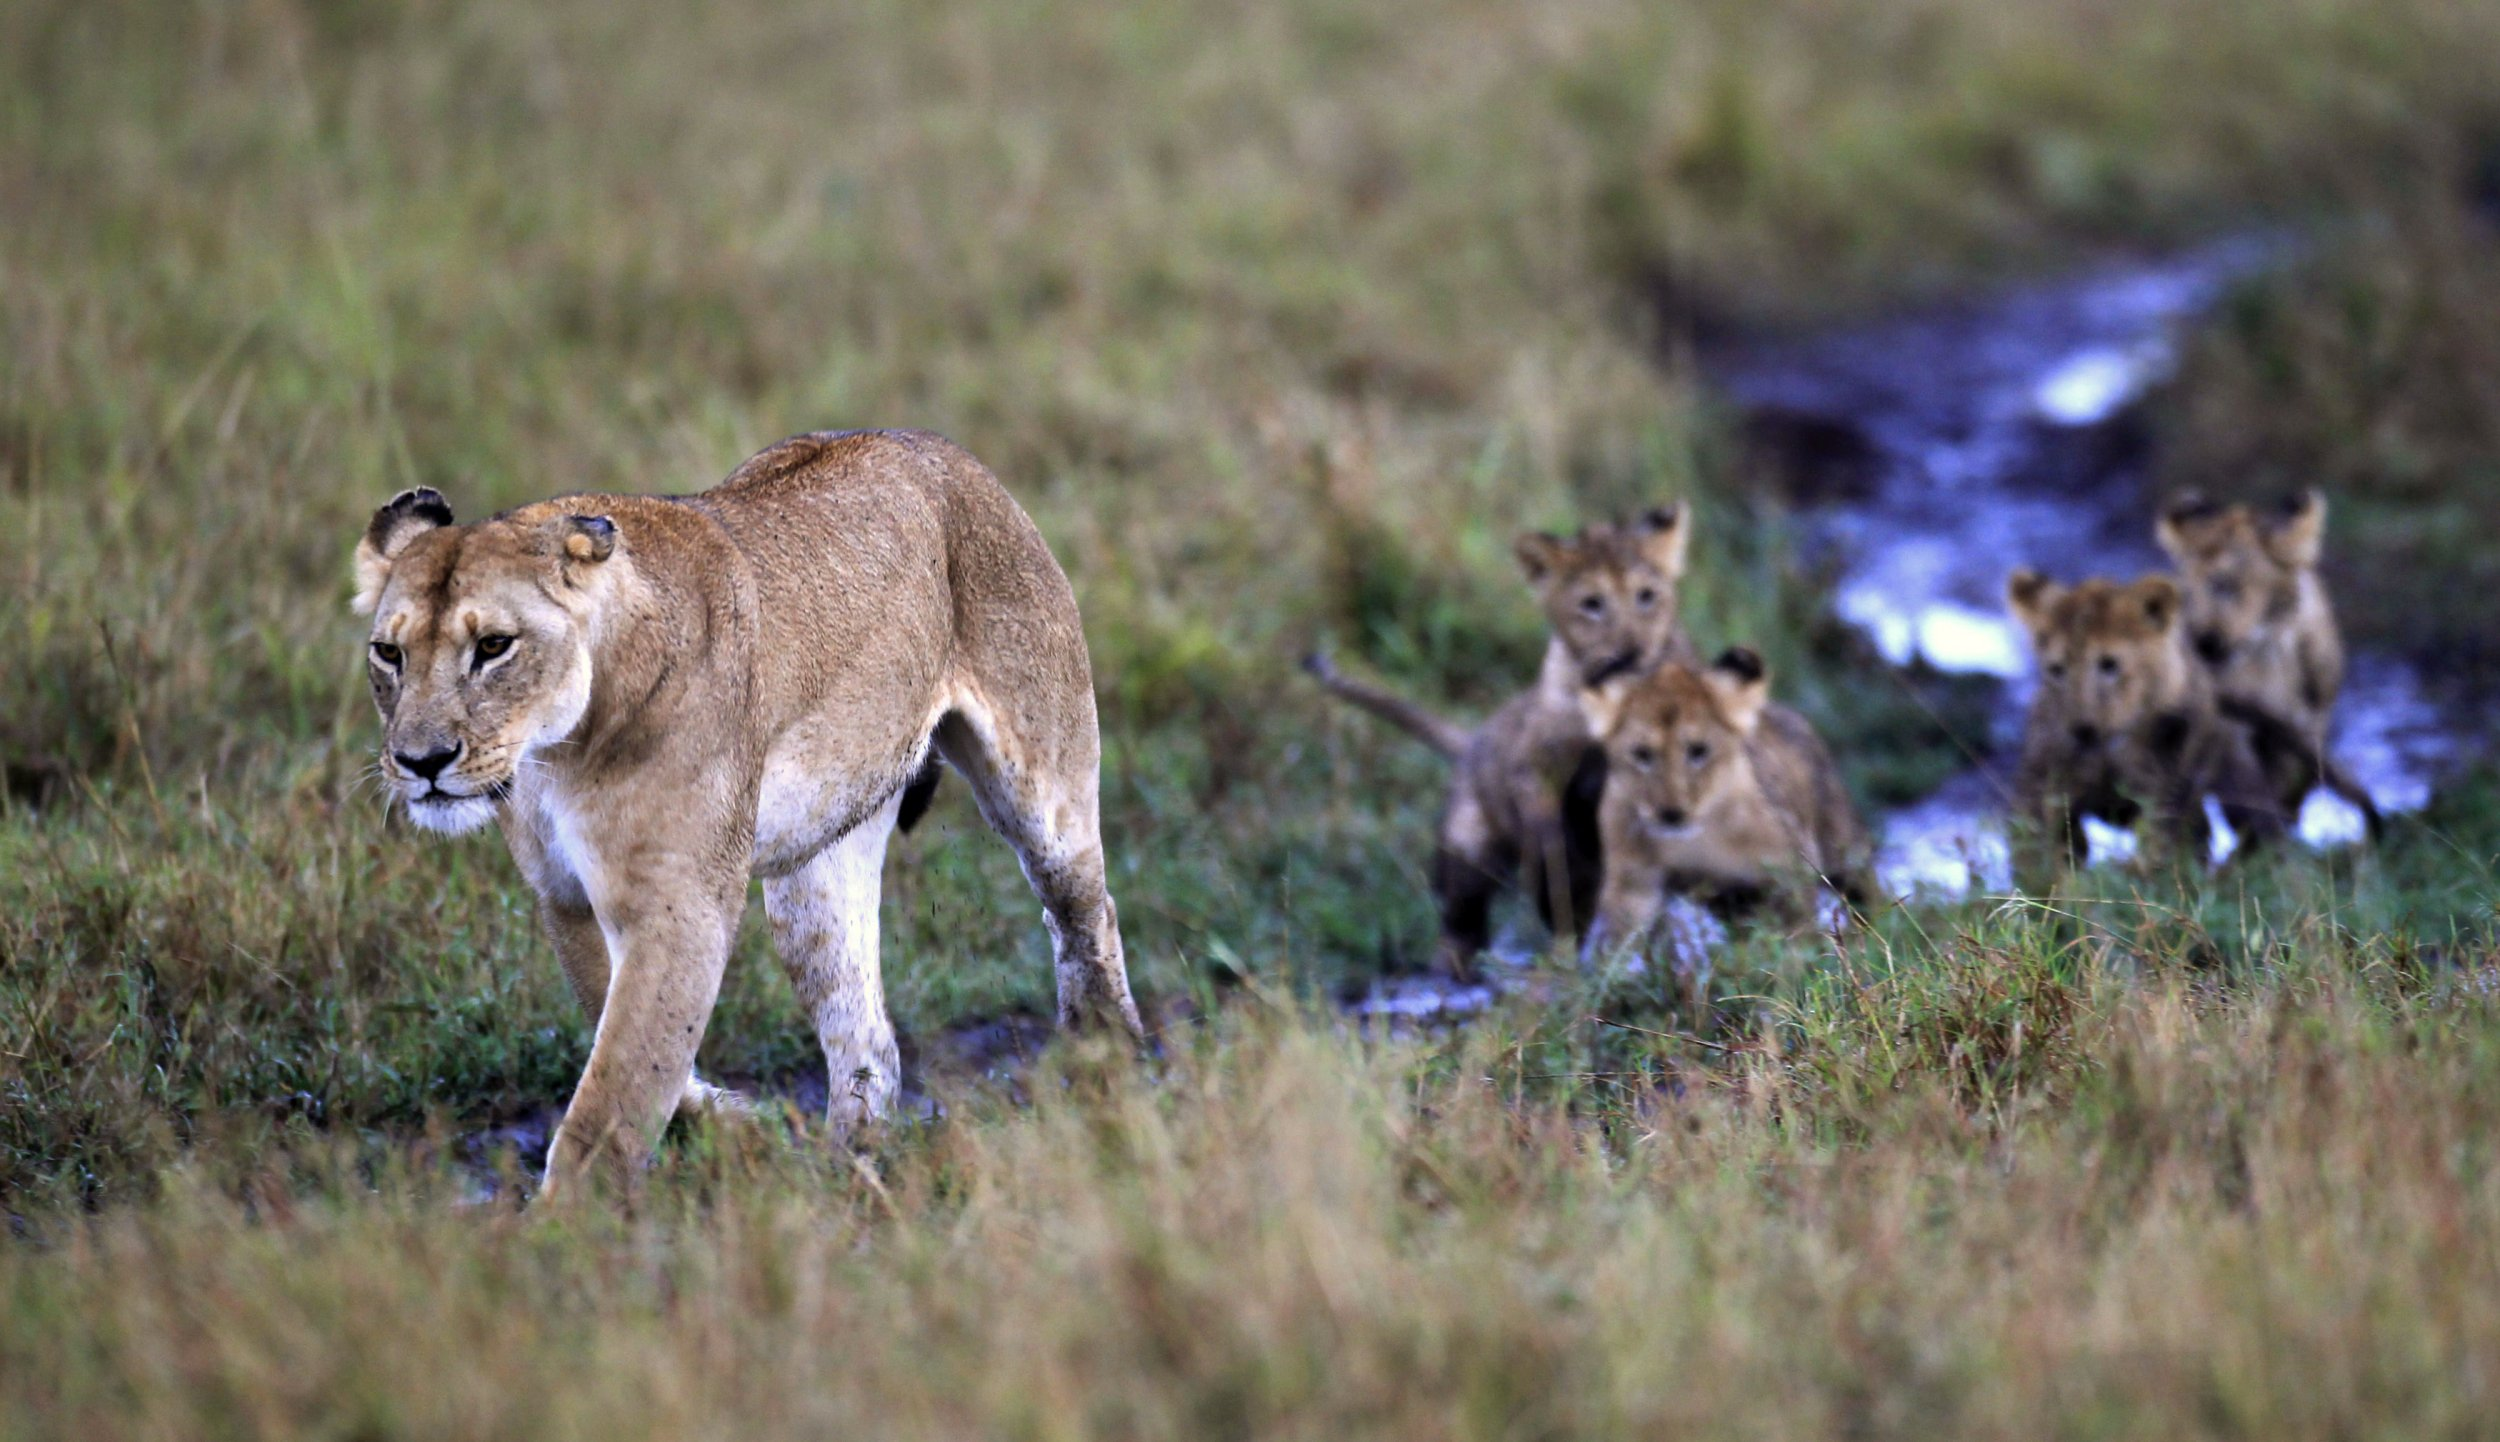 Lions_Loose_in_Kenya